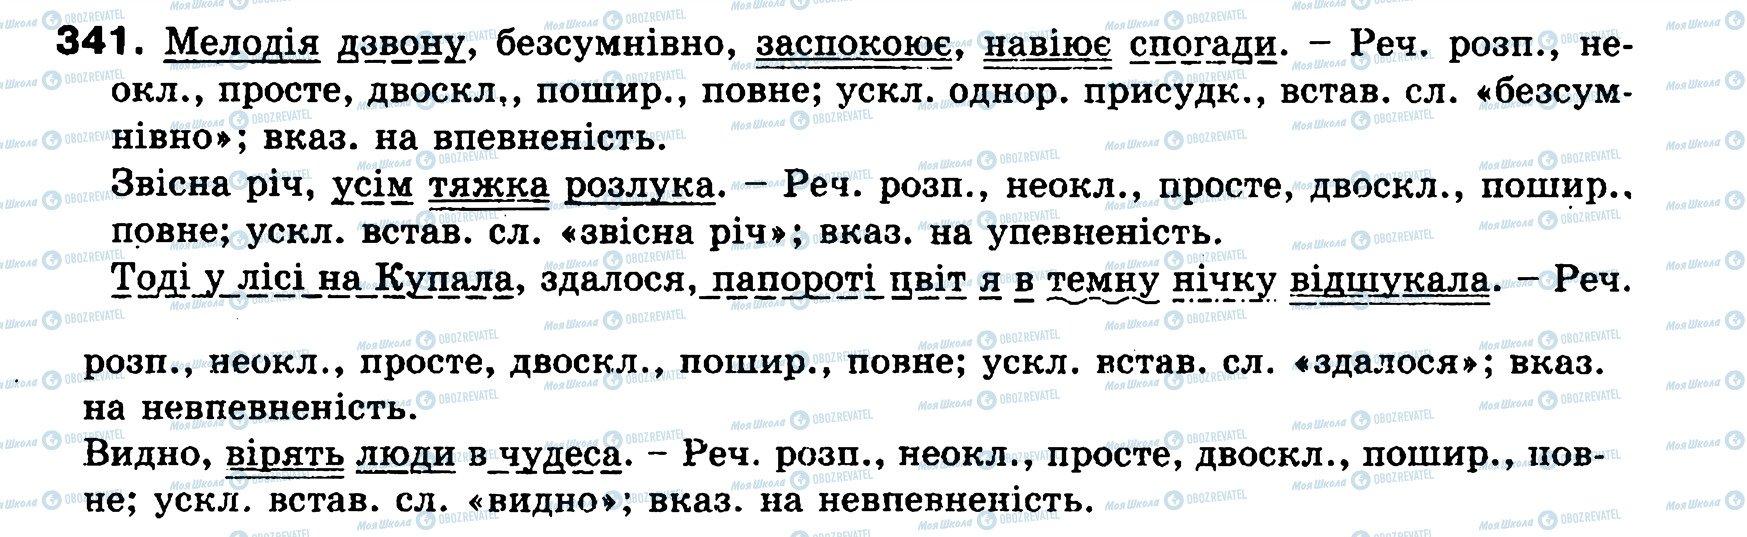 ГДЗ Українська мова 8 клас сторінка 341